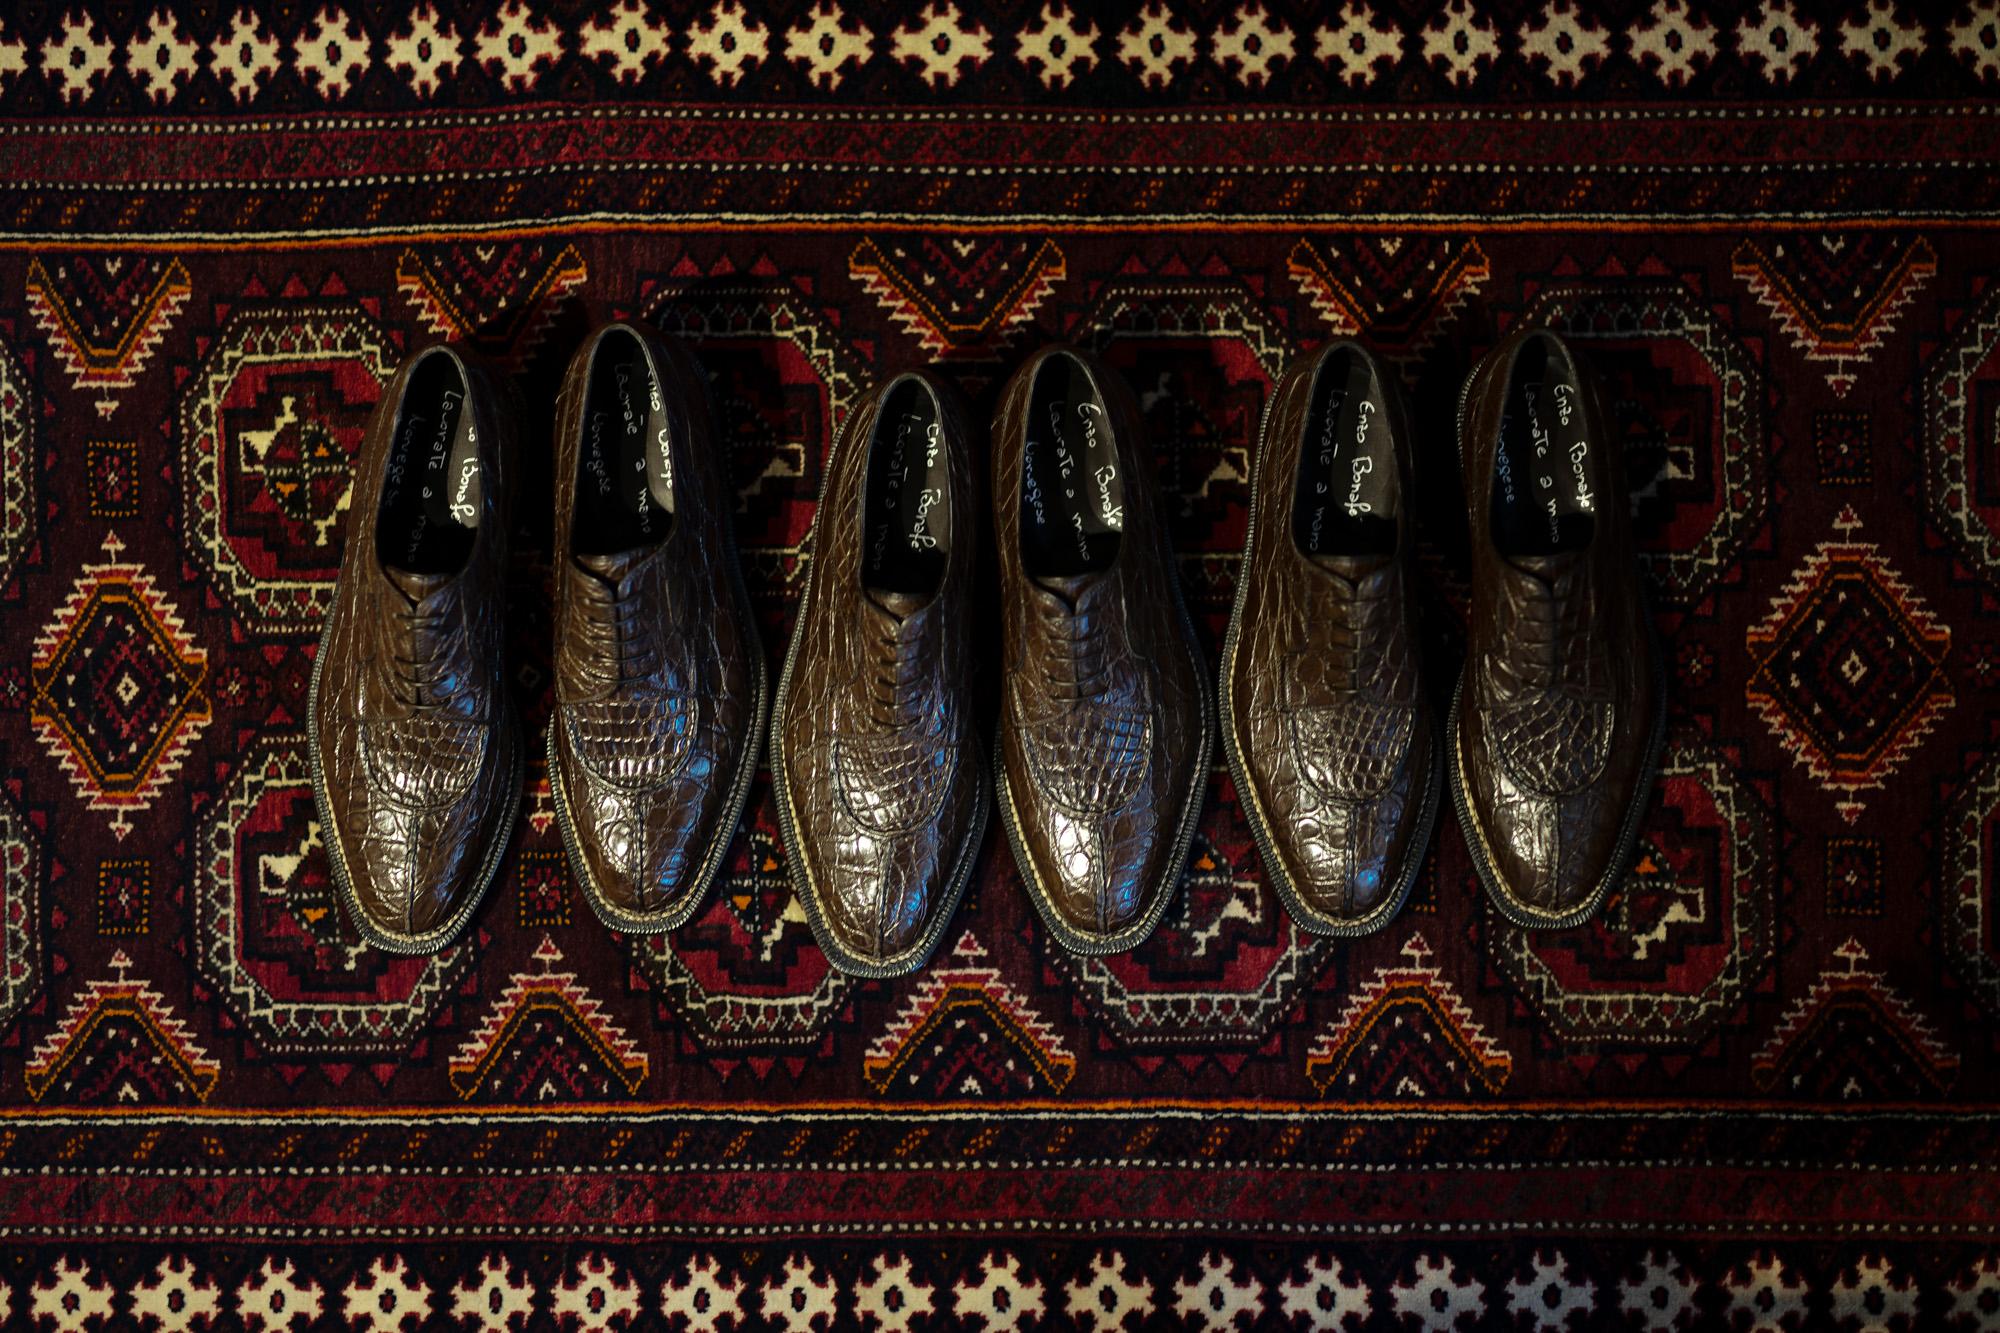 ENZO BONAFE(エンツォボナフェ) BERING(ベーリング) Crocodile クロコダイル ノルベジェーゼ製法 Uチップシューズ エキゾチックレザーシューズ COCCO DARK BROWN・107(ダークブラウン・107)  made in italy(イタリア製) 2019春夏新作 enzobonafe 愛知 名古屋 Alto e Diritto アルト エ デリット クロコ ハギ altoediritto アルトエデリット